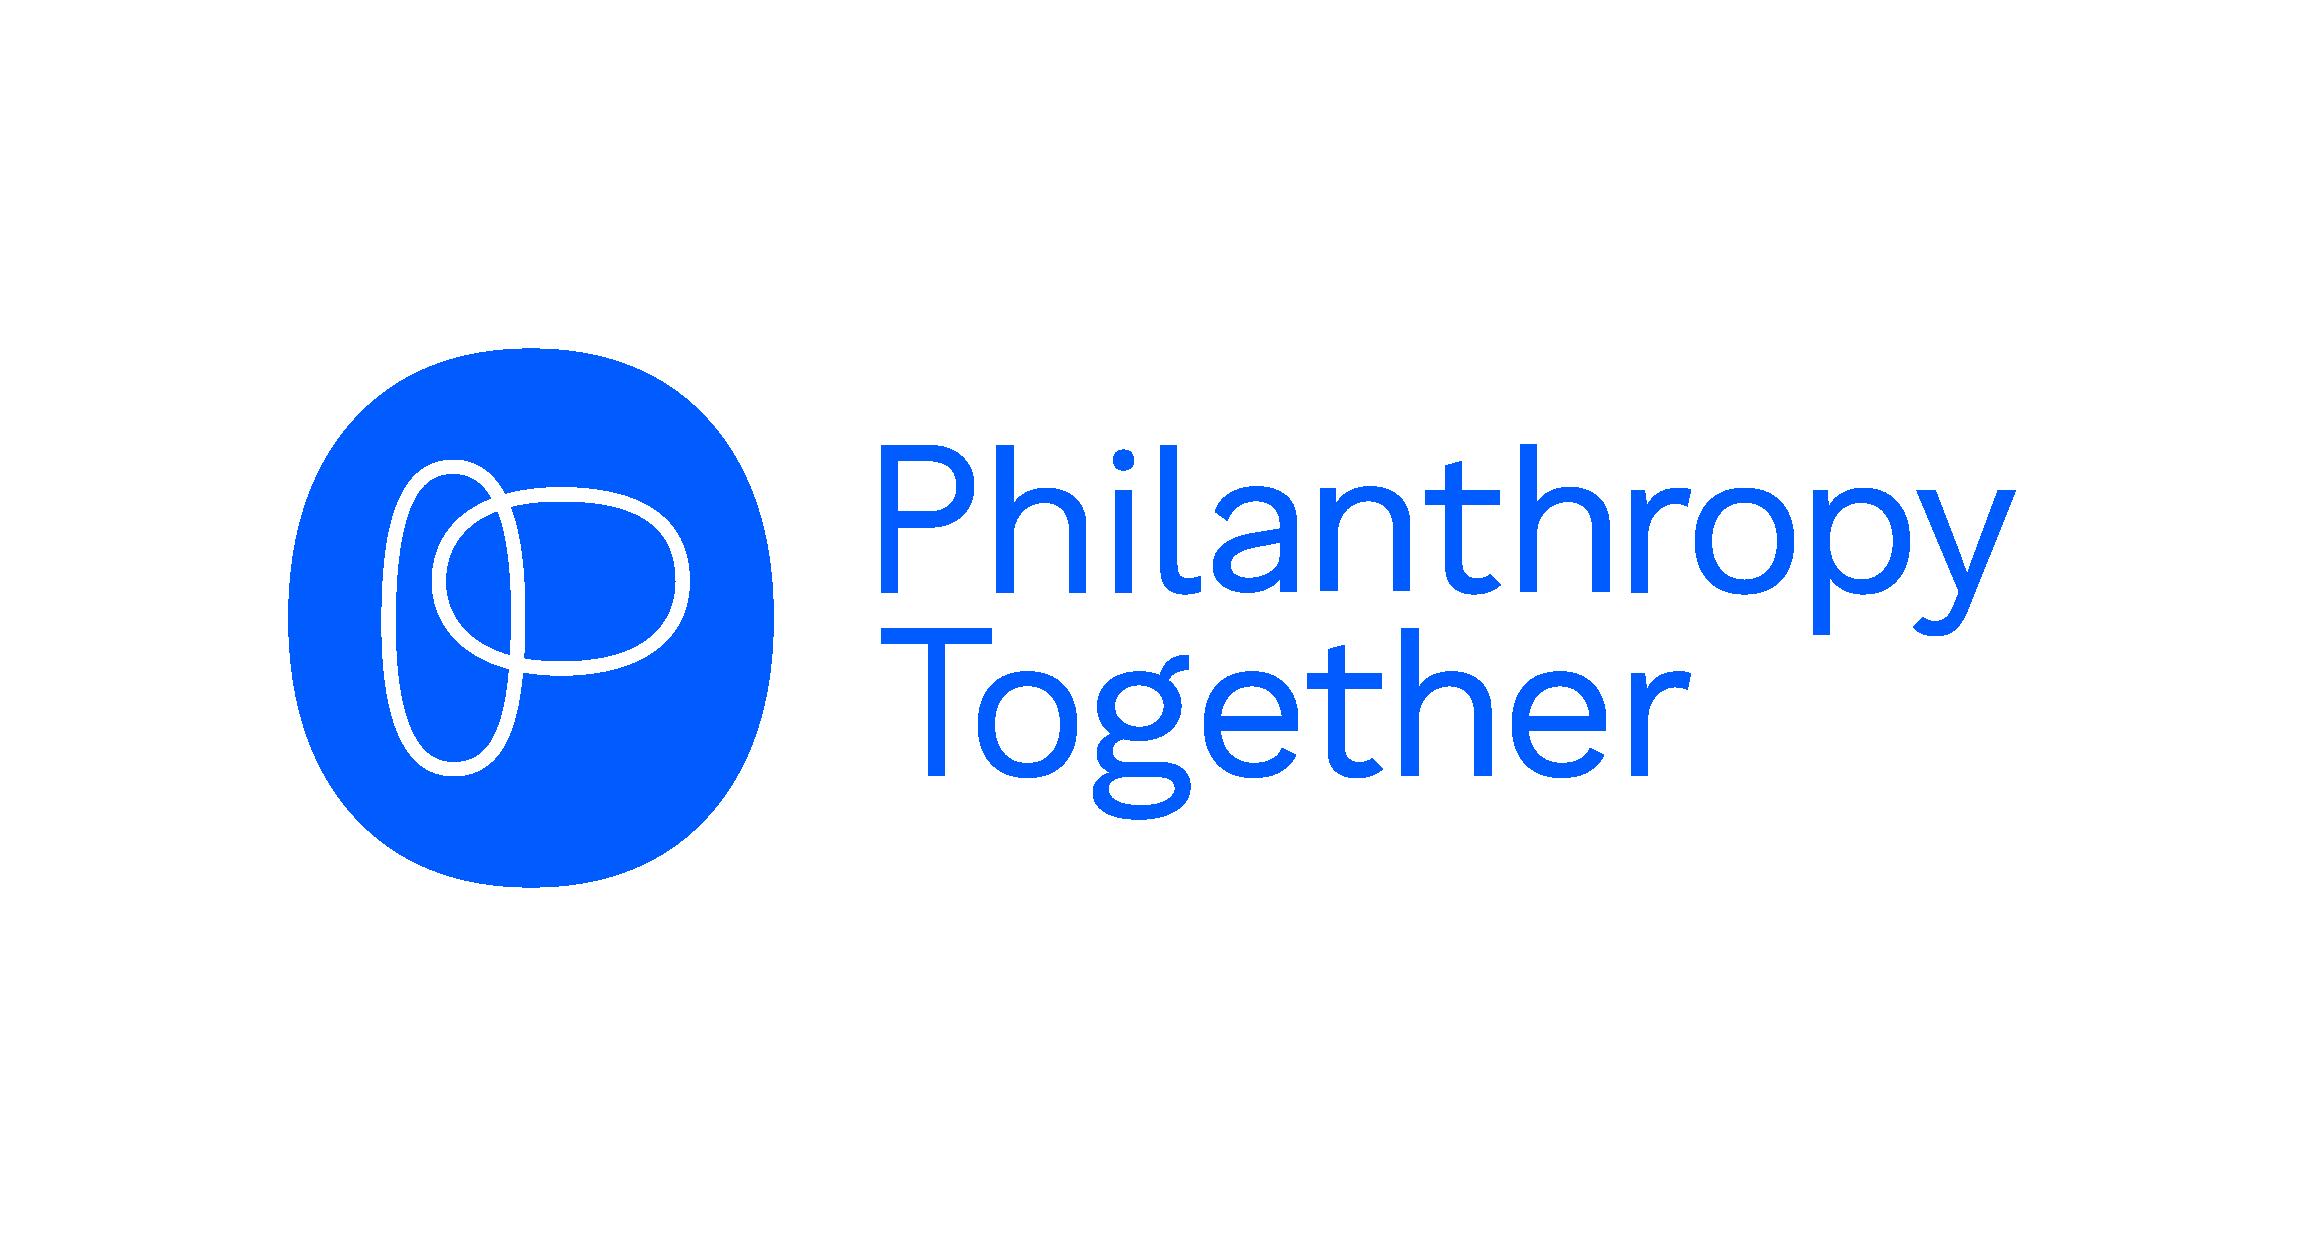 Philanthropy Together